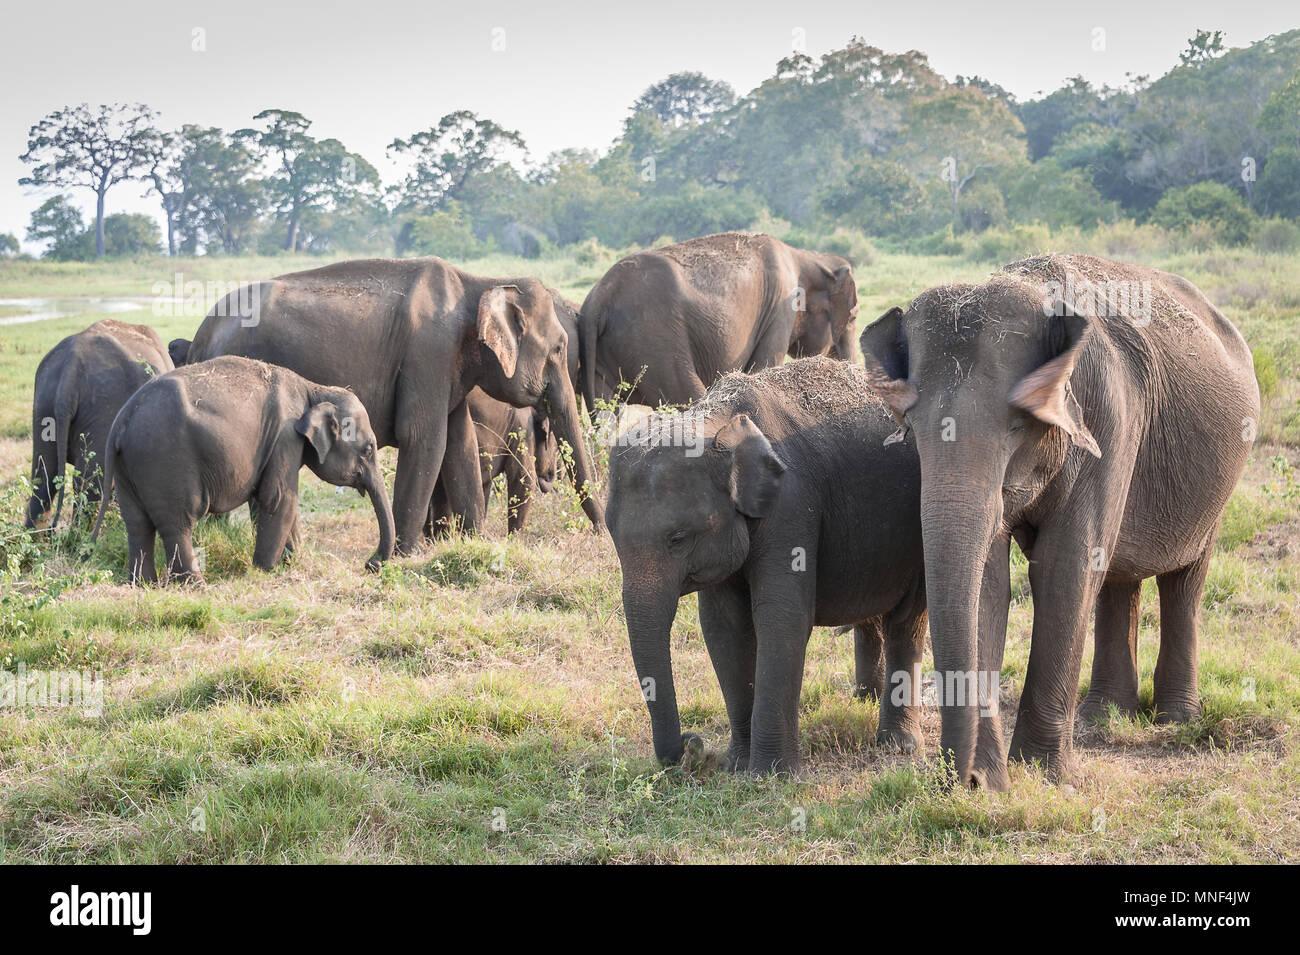 Herde von indischen Elefanten (Elephas maximus) weiden auf Grünland in Minerriya Nationalpark, Sri Lanka. Friedliche Sonnenuntergang Szene in eine grüne Landschaft Stockbild